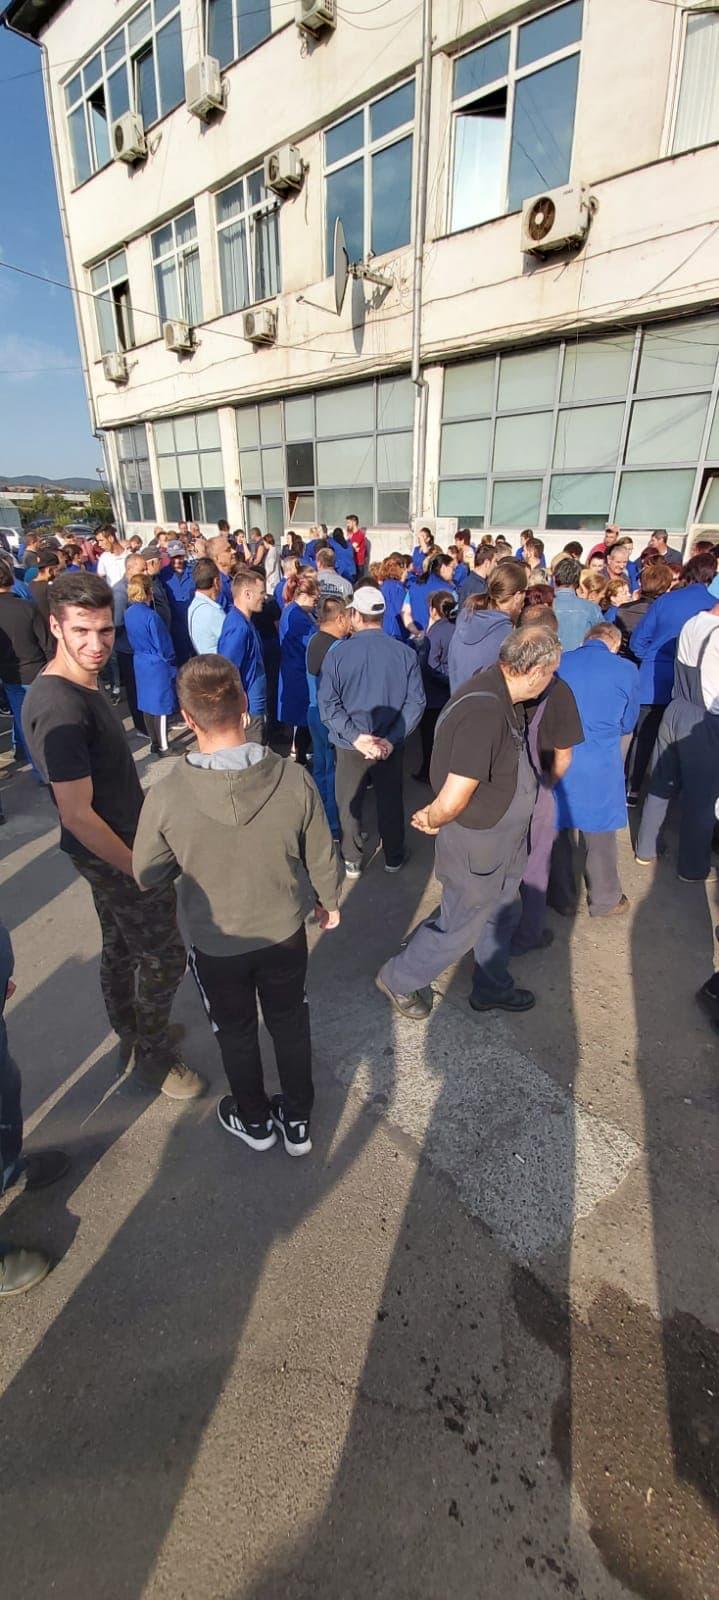 FOTO/VIDEO: Grevă spontană la RAAL! Oamenii au ieşit în curte